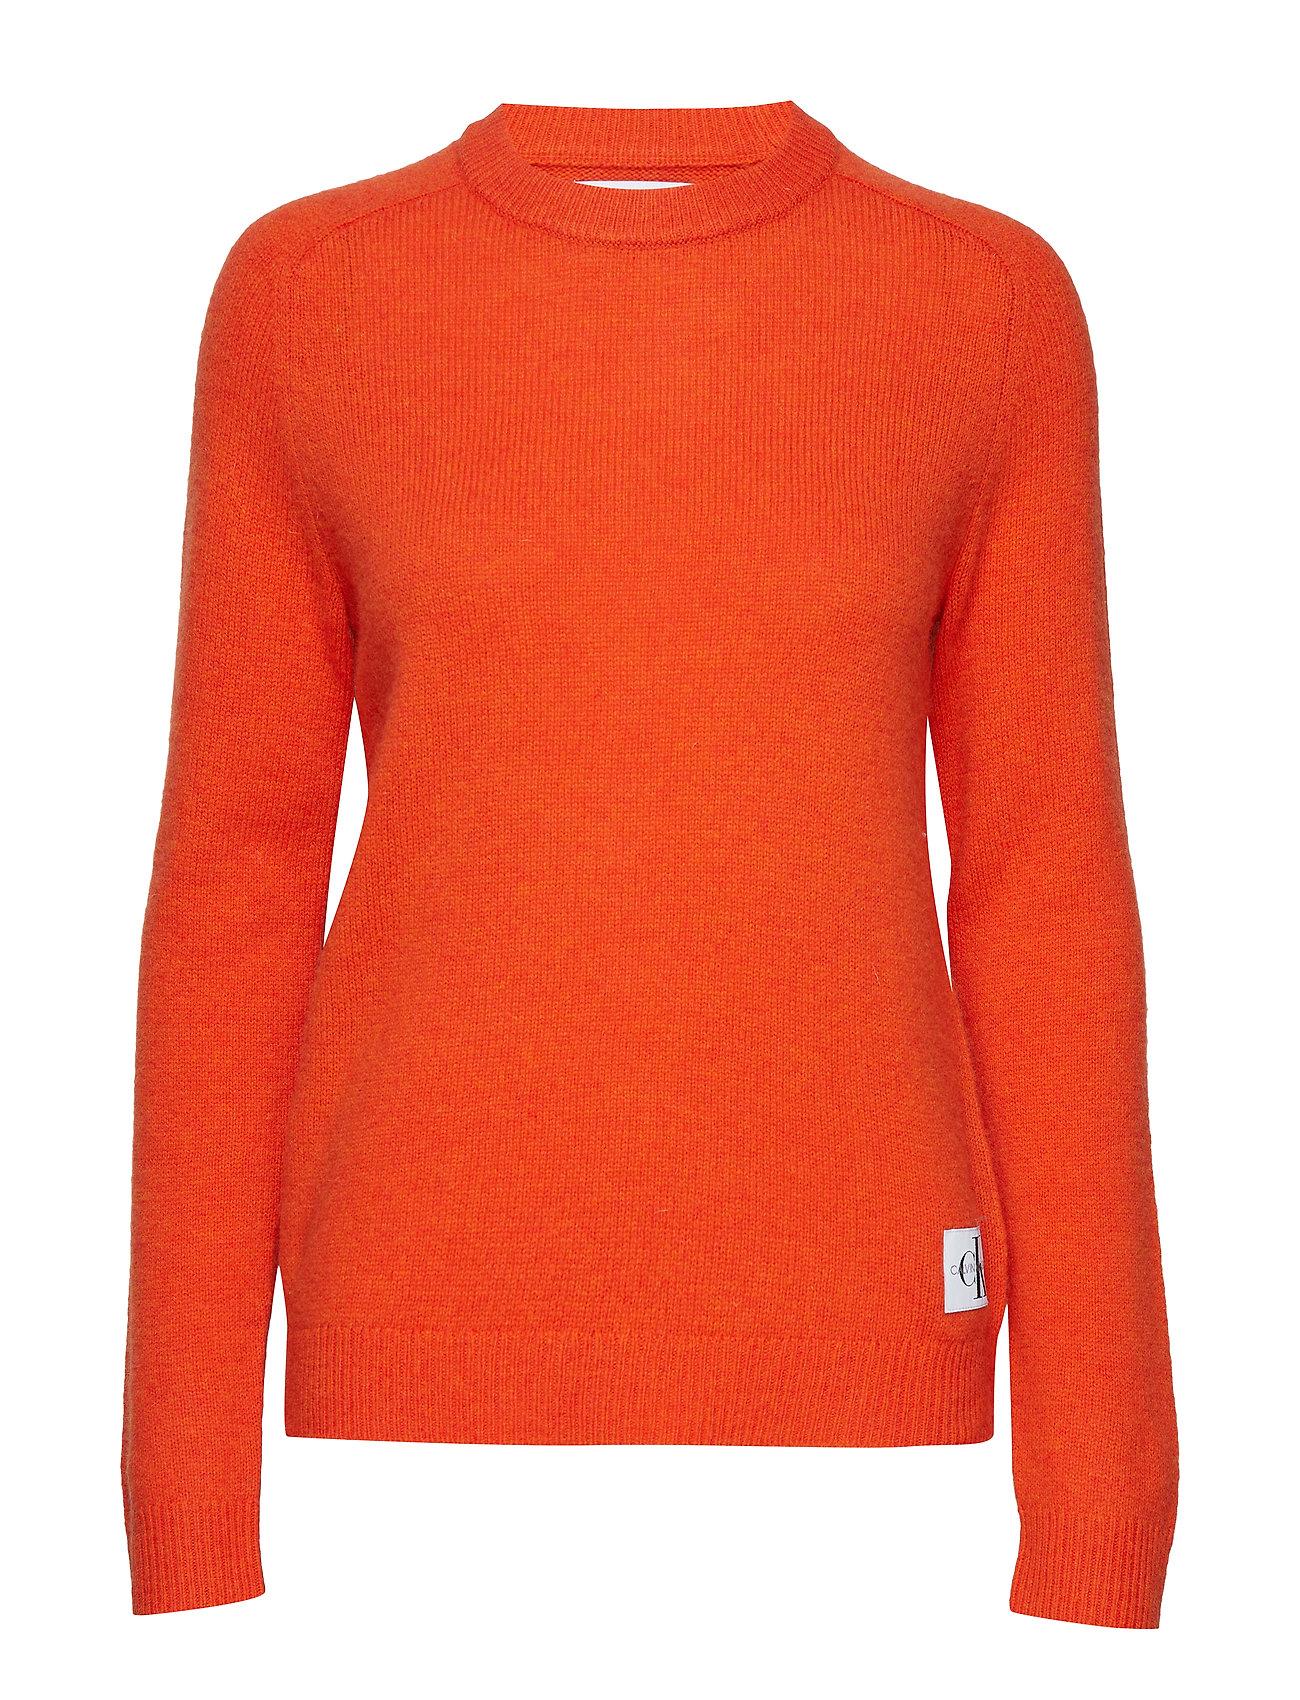 RedCalvin Jeans Wool Crew Klein Npumpkin Shetland wPX8kOn0